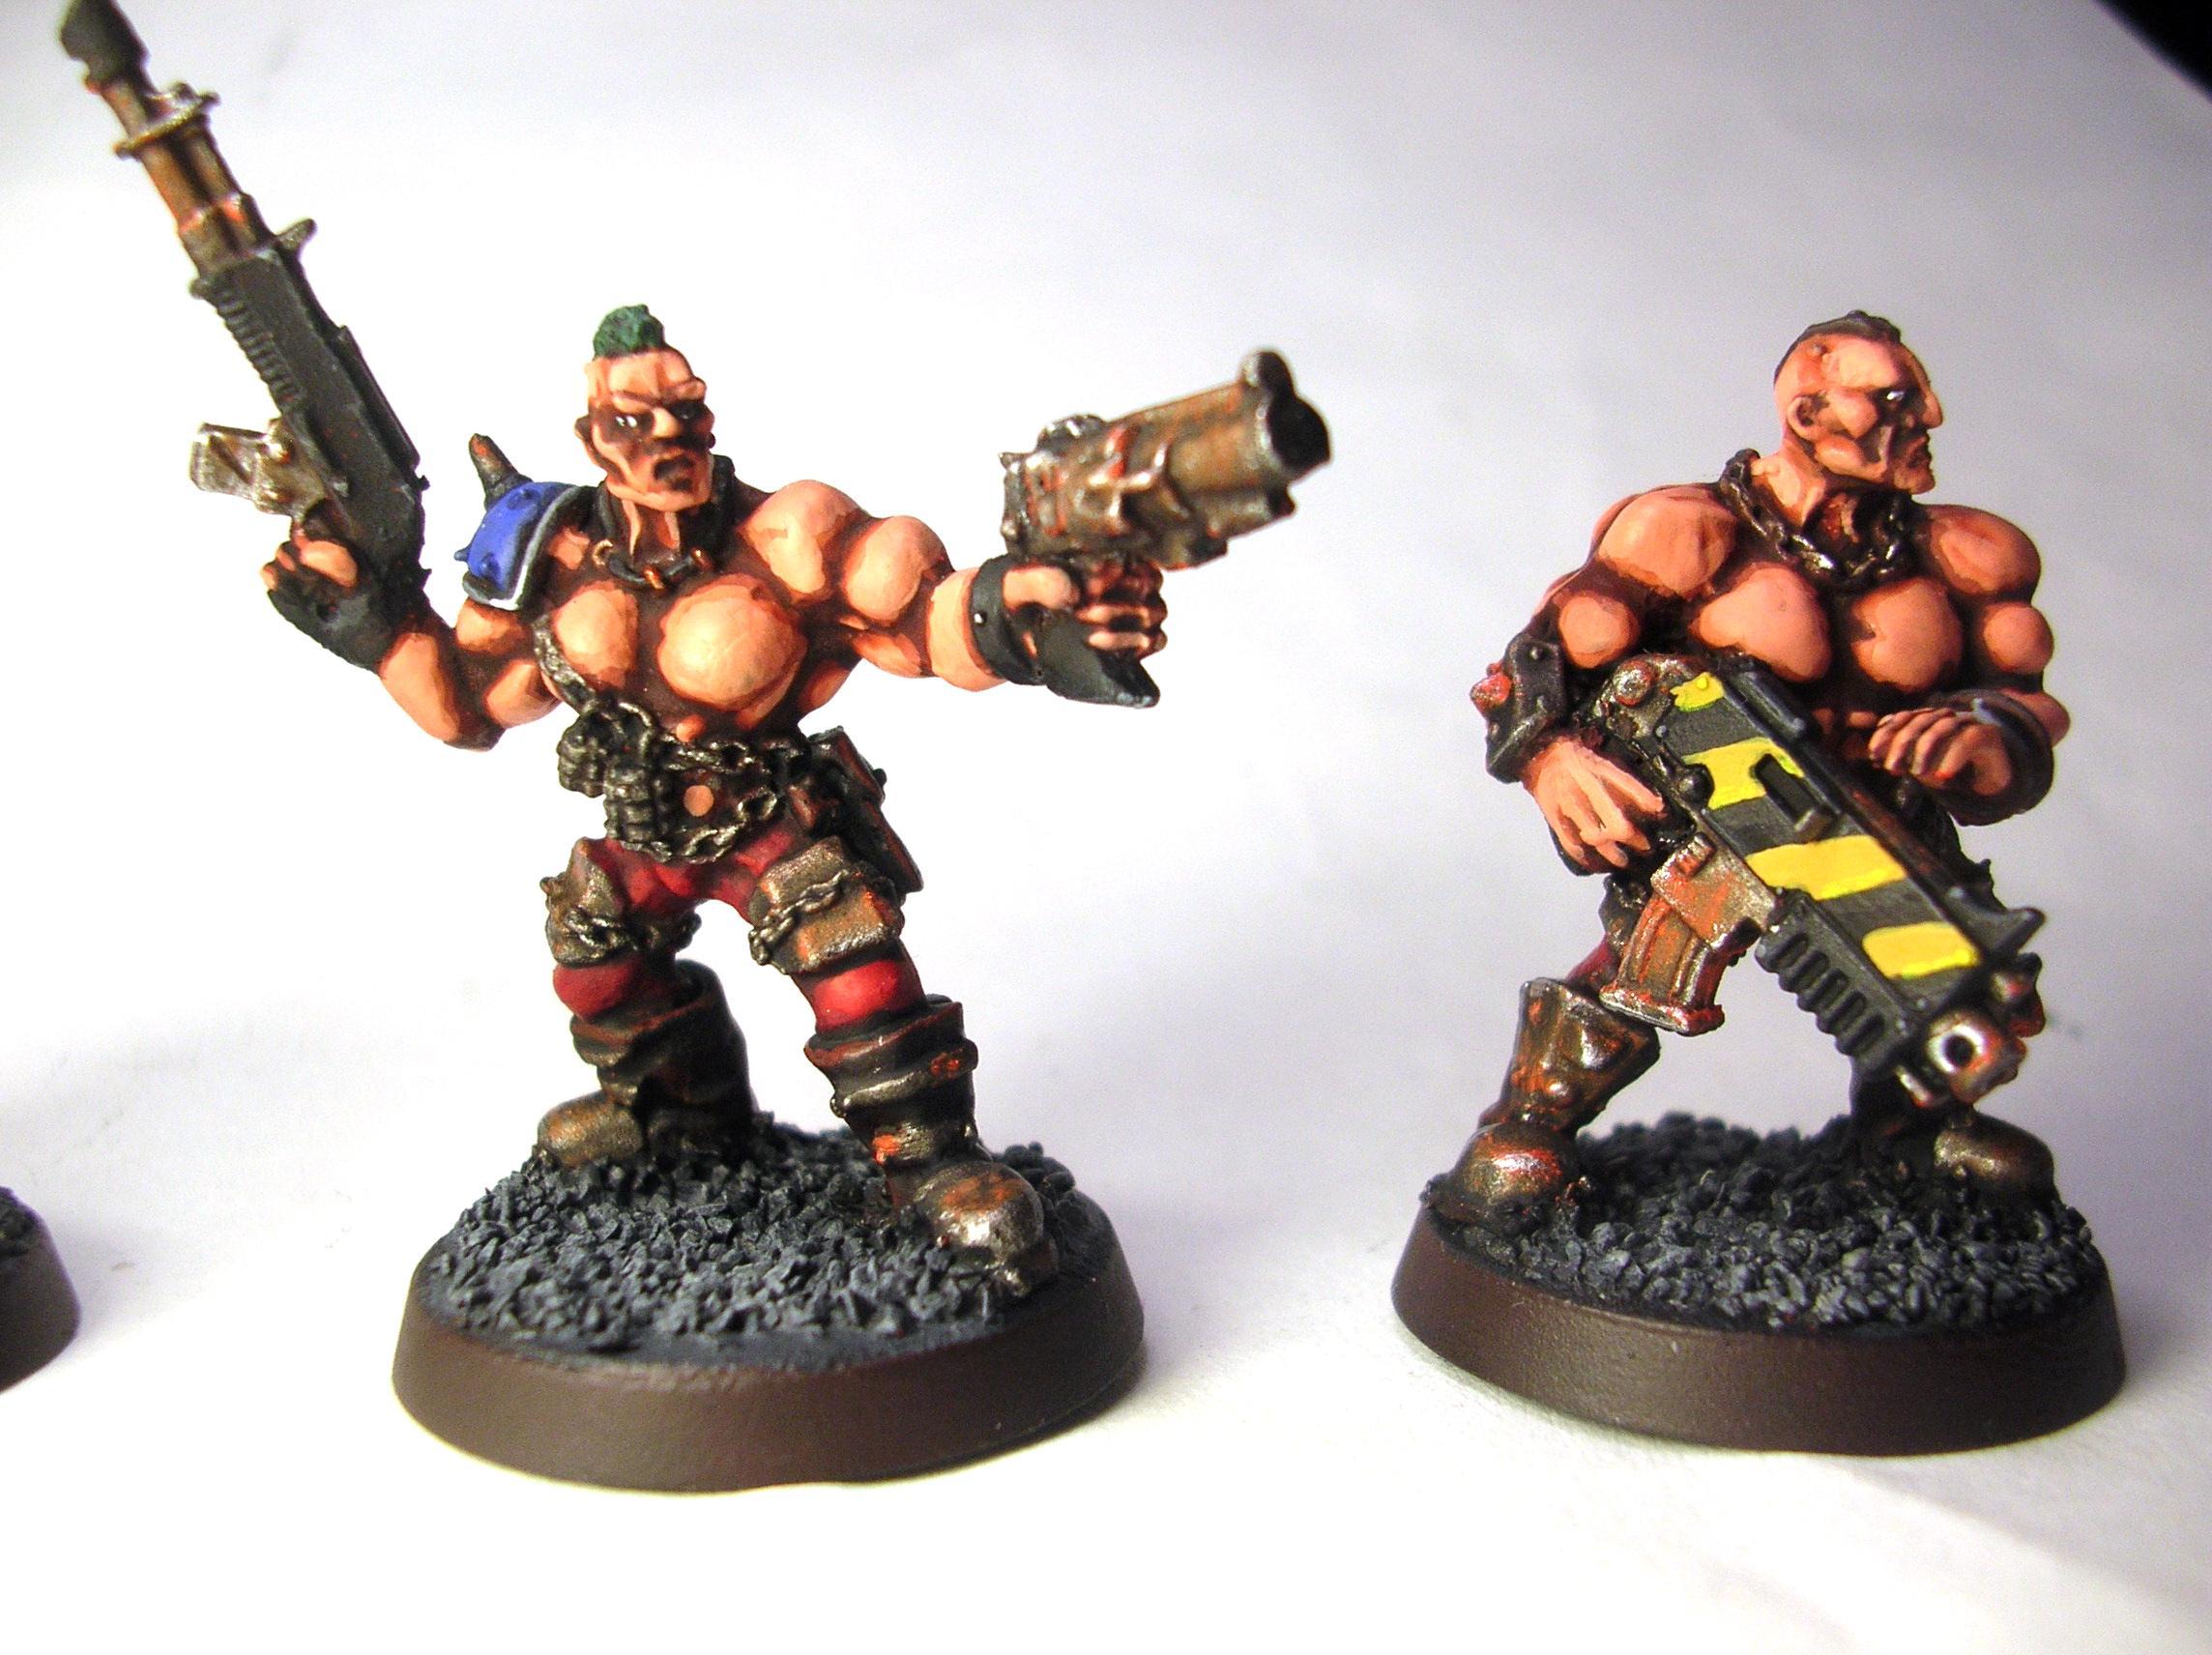 Goliath, Necromunda, Punk, Raider